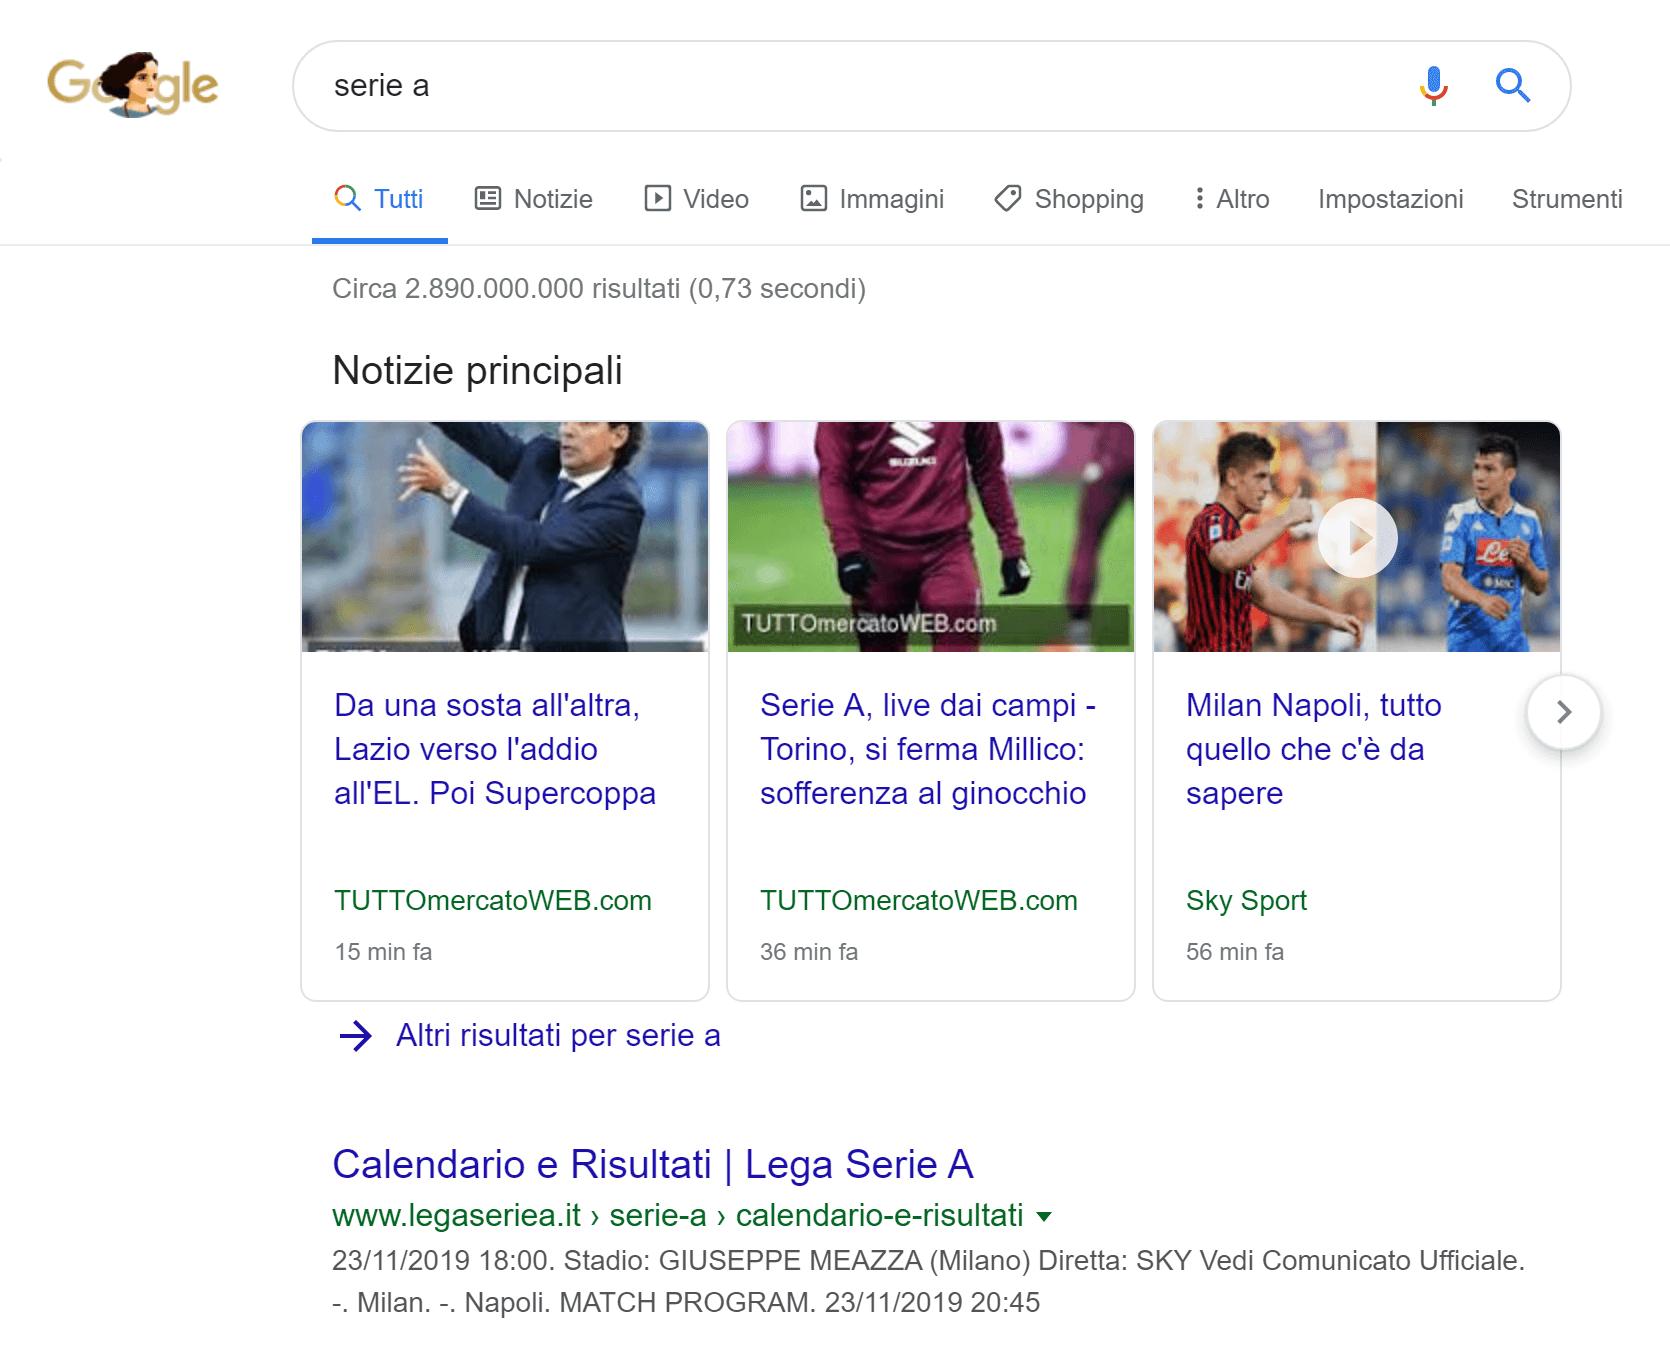 Risultati di Google News nelle SERP desktop